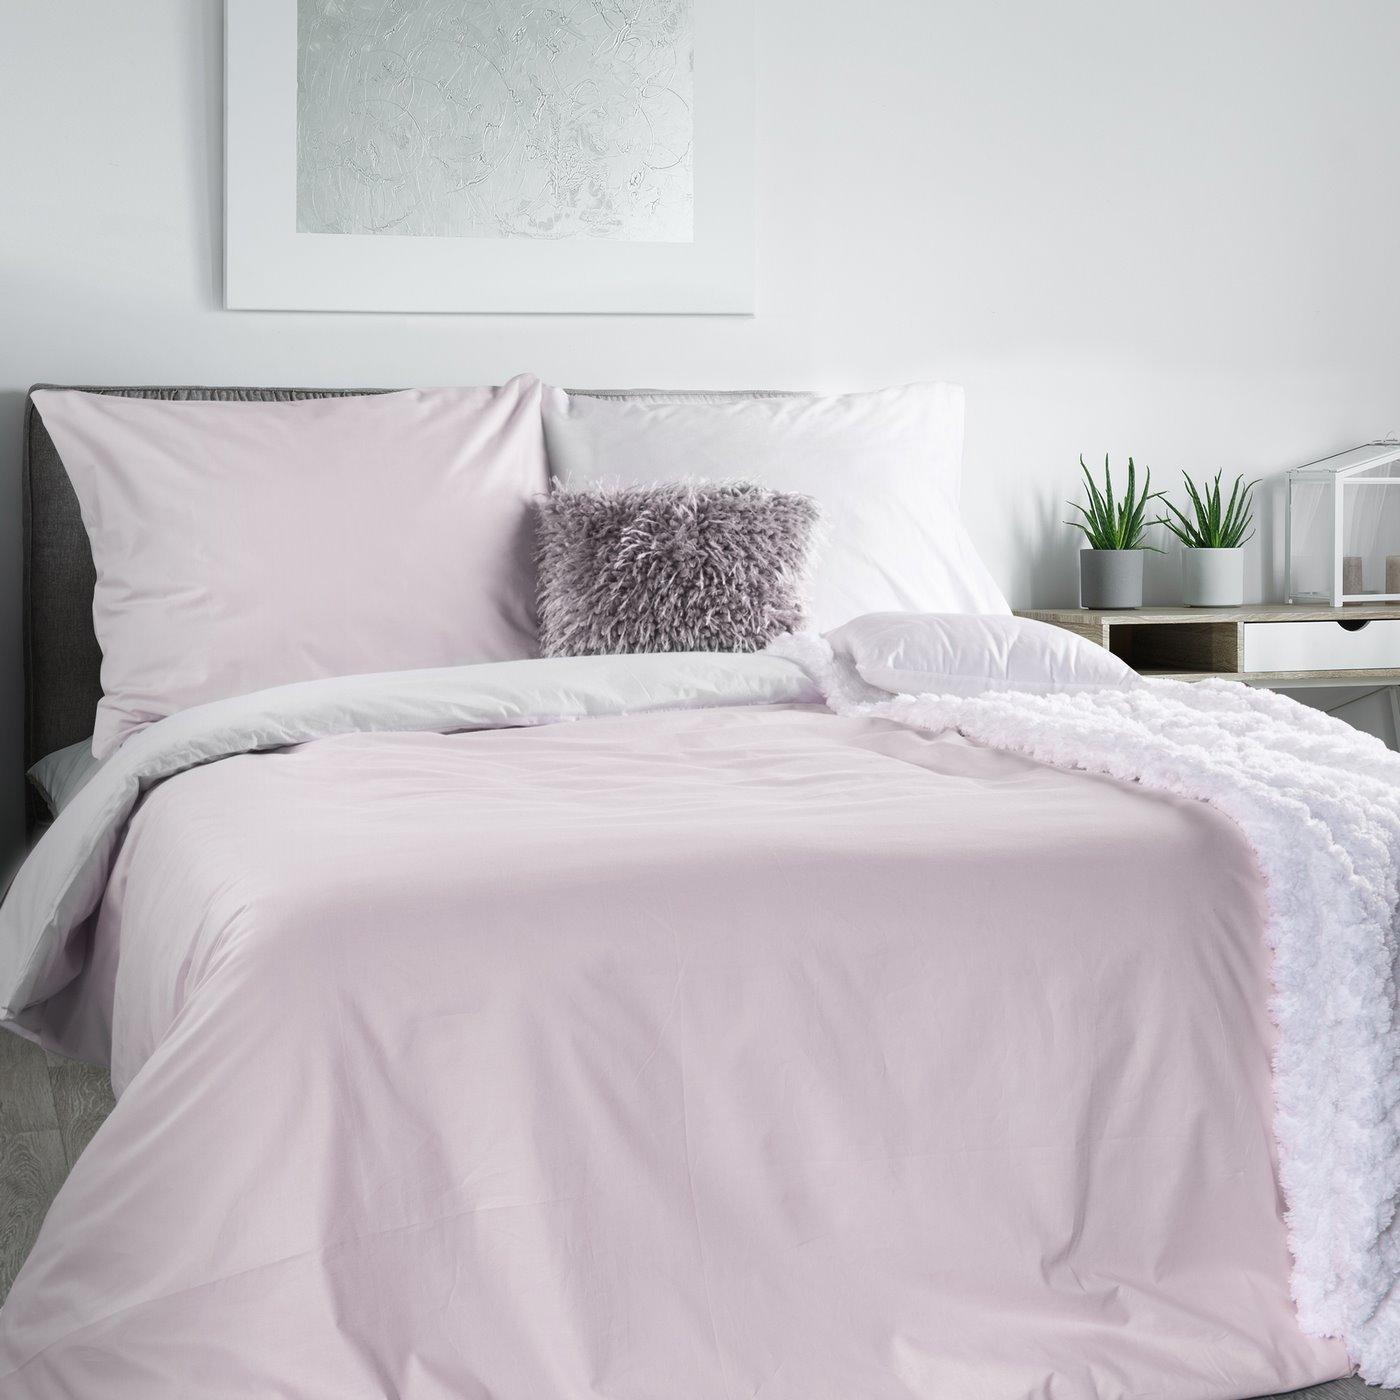 Komplet pościeli bawełnianej rozmiar: 220x200 cm, 2 szt. 70x80 cm dwustronny biało-różowy